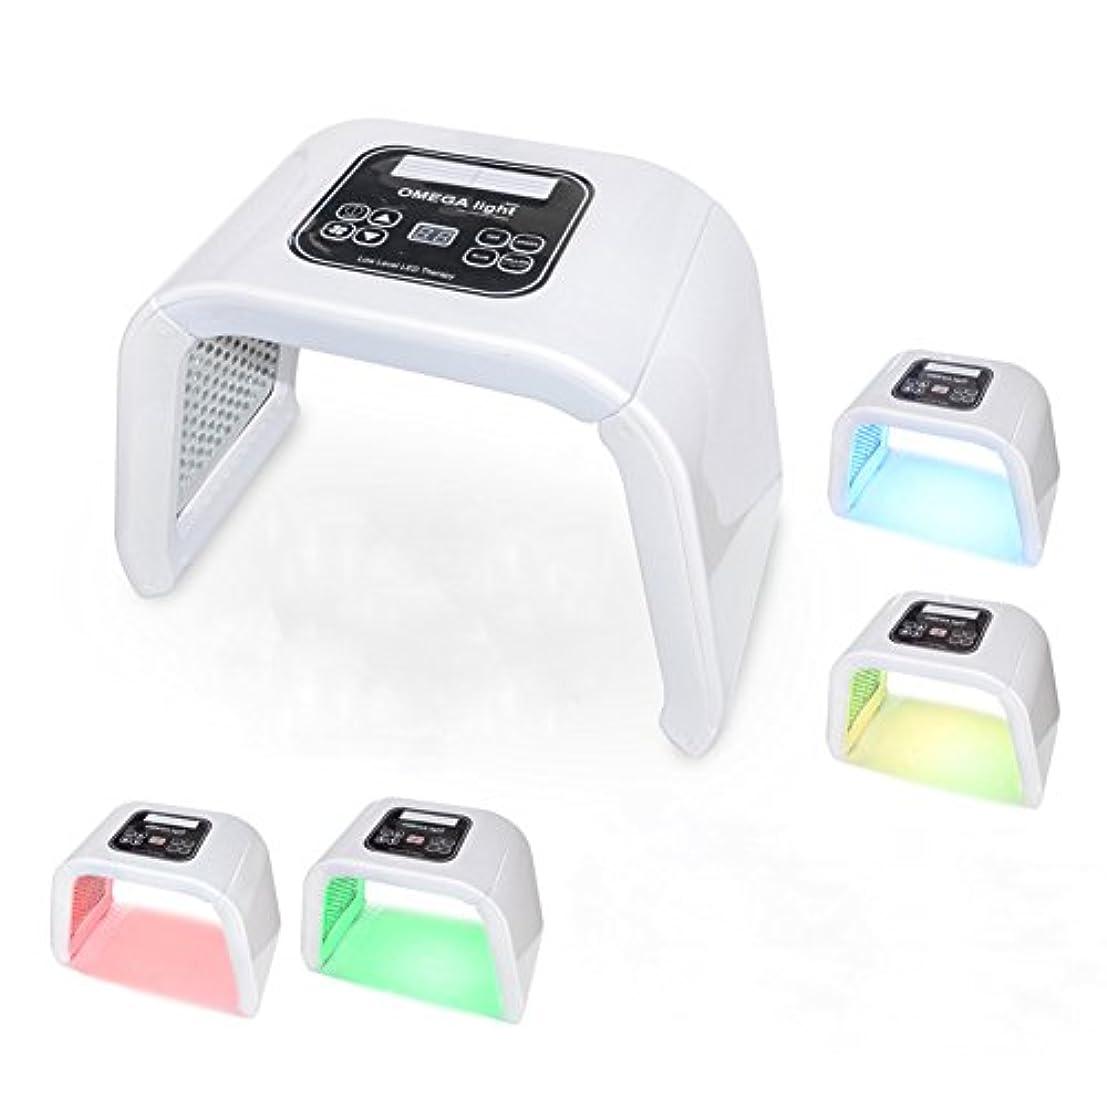 蒸発盲目該当するにきびの皮の若返りの美装置を白くする光子療法機械LED 4色,White